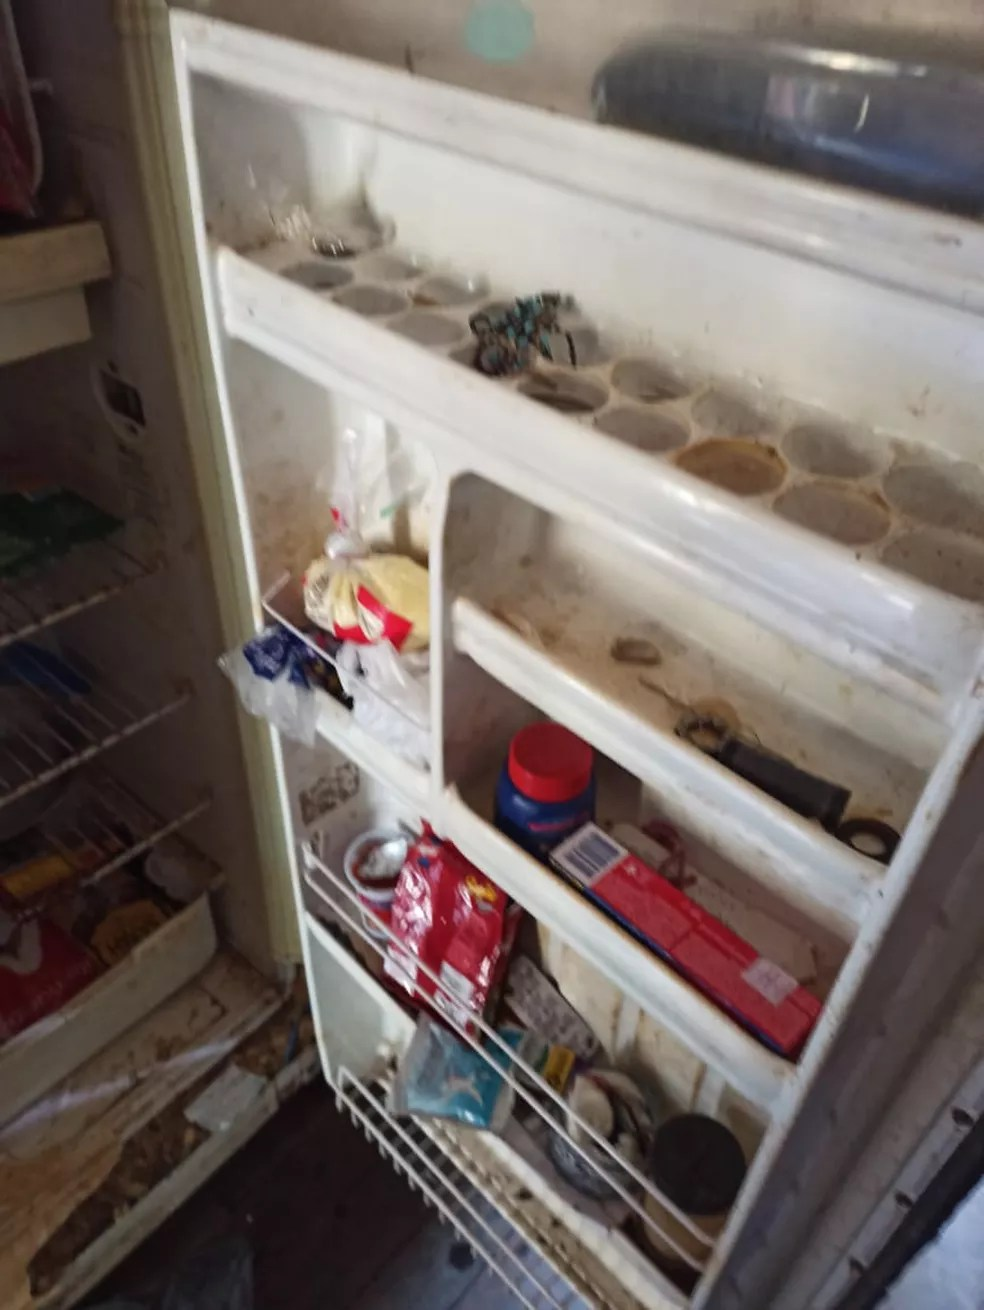 Casa não tinha comida e nem luz elétrica em Rio Branco — Foto: Arquivo/Polícia Civil